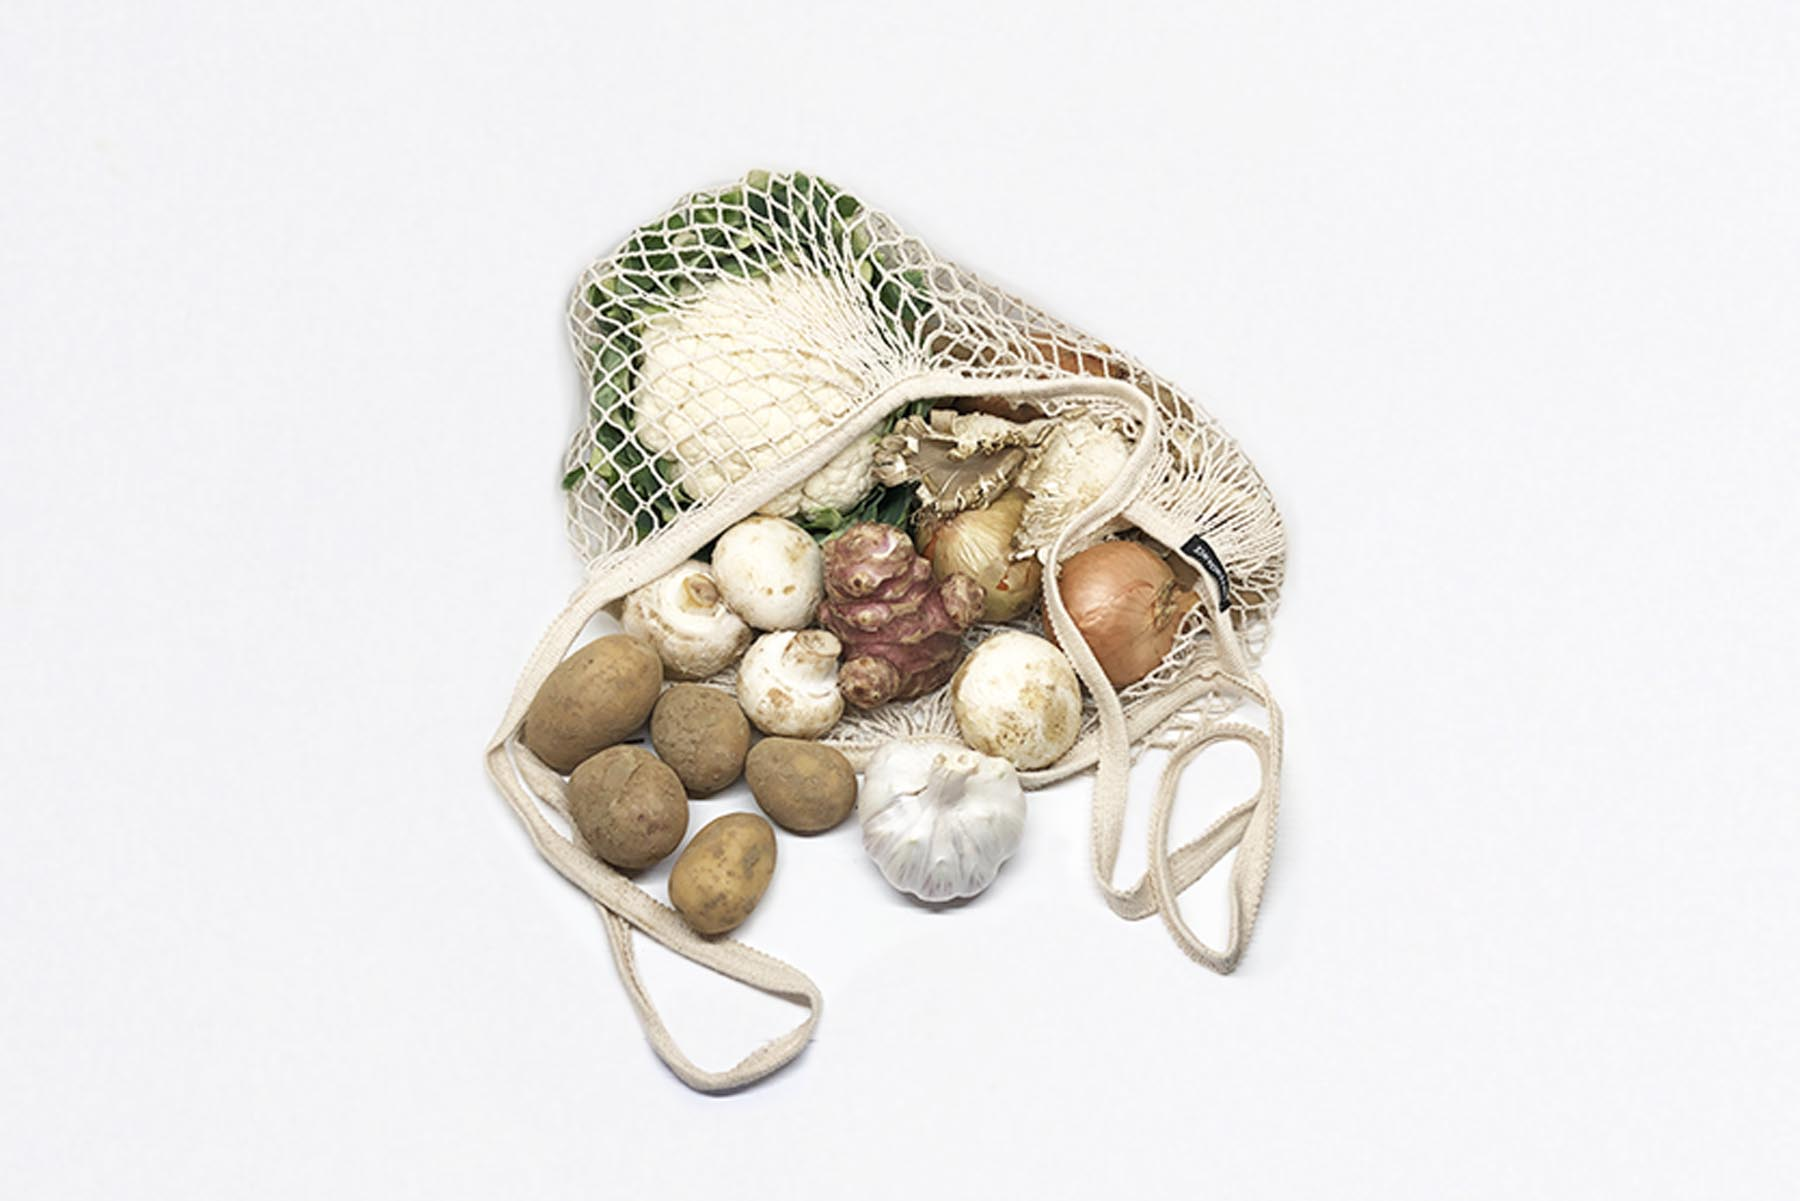 Petit panier de légumes